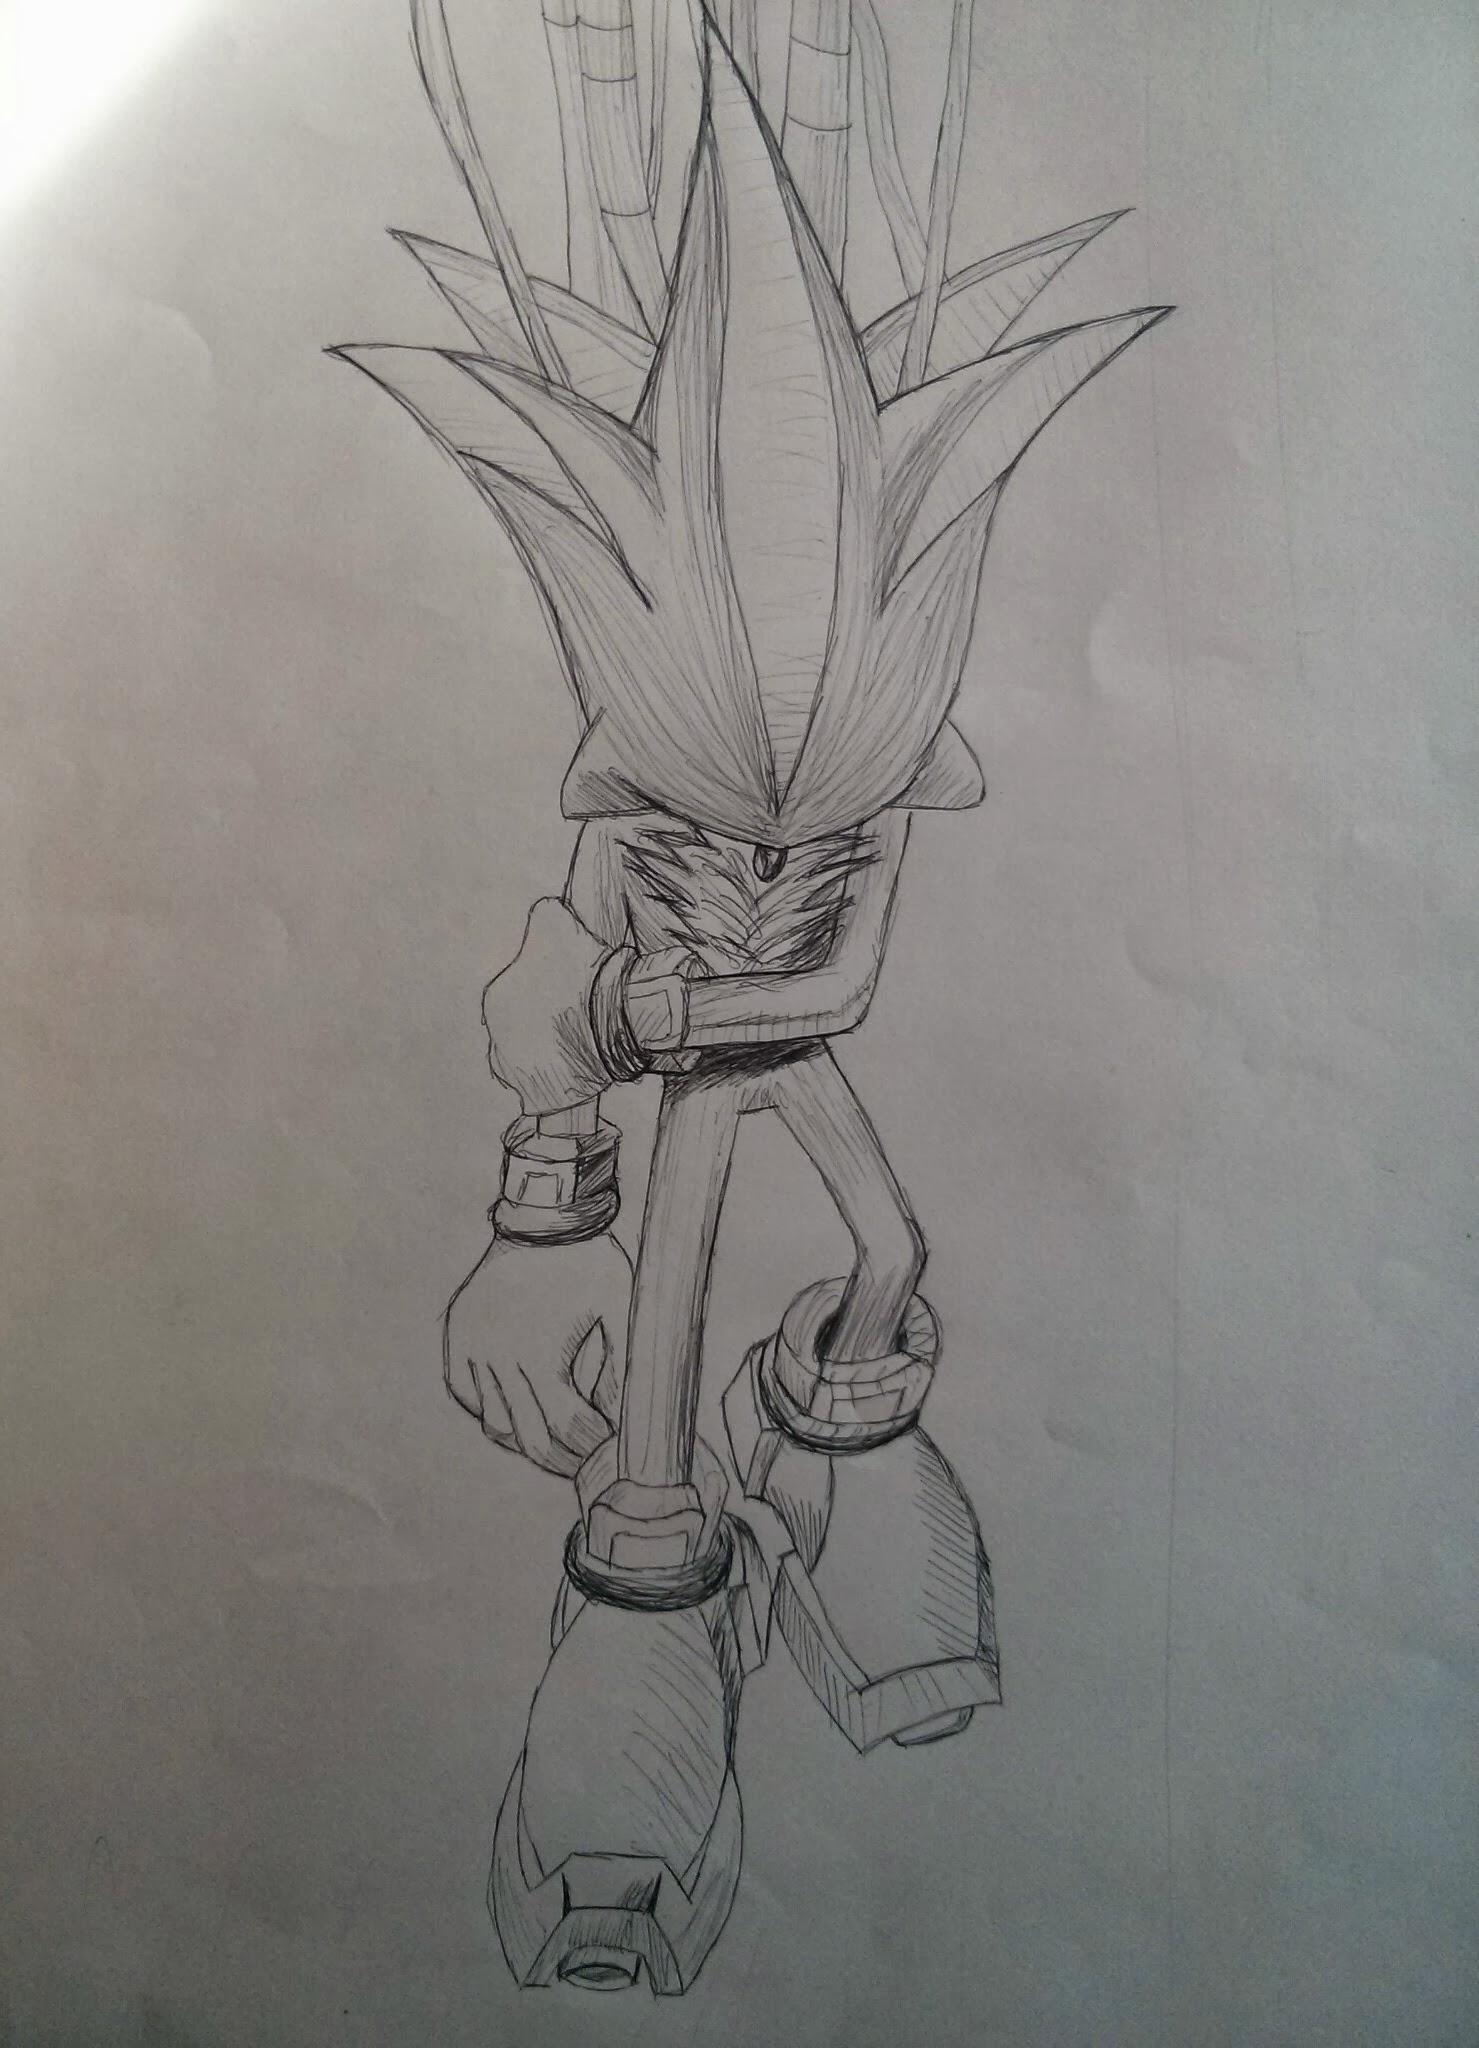 Dessin Shadow de Onizuka